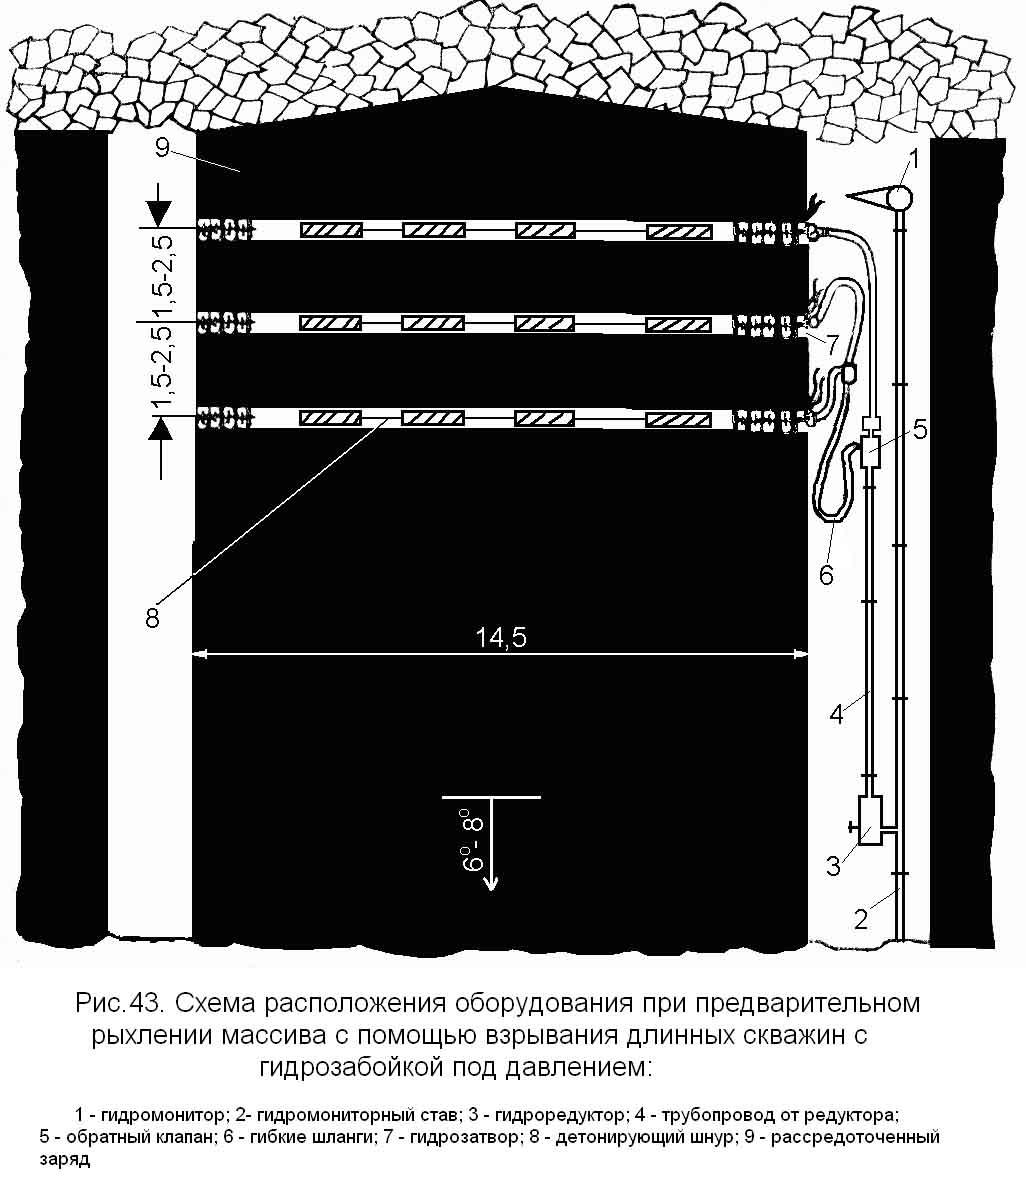 технологическая схема гидровыемки